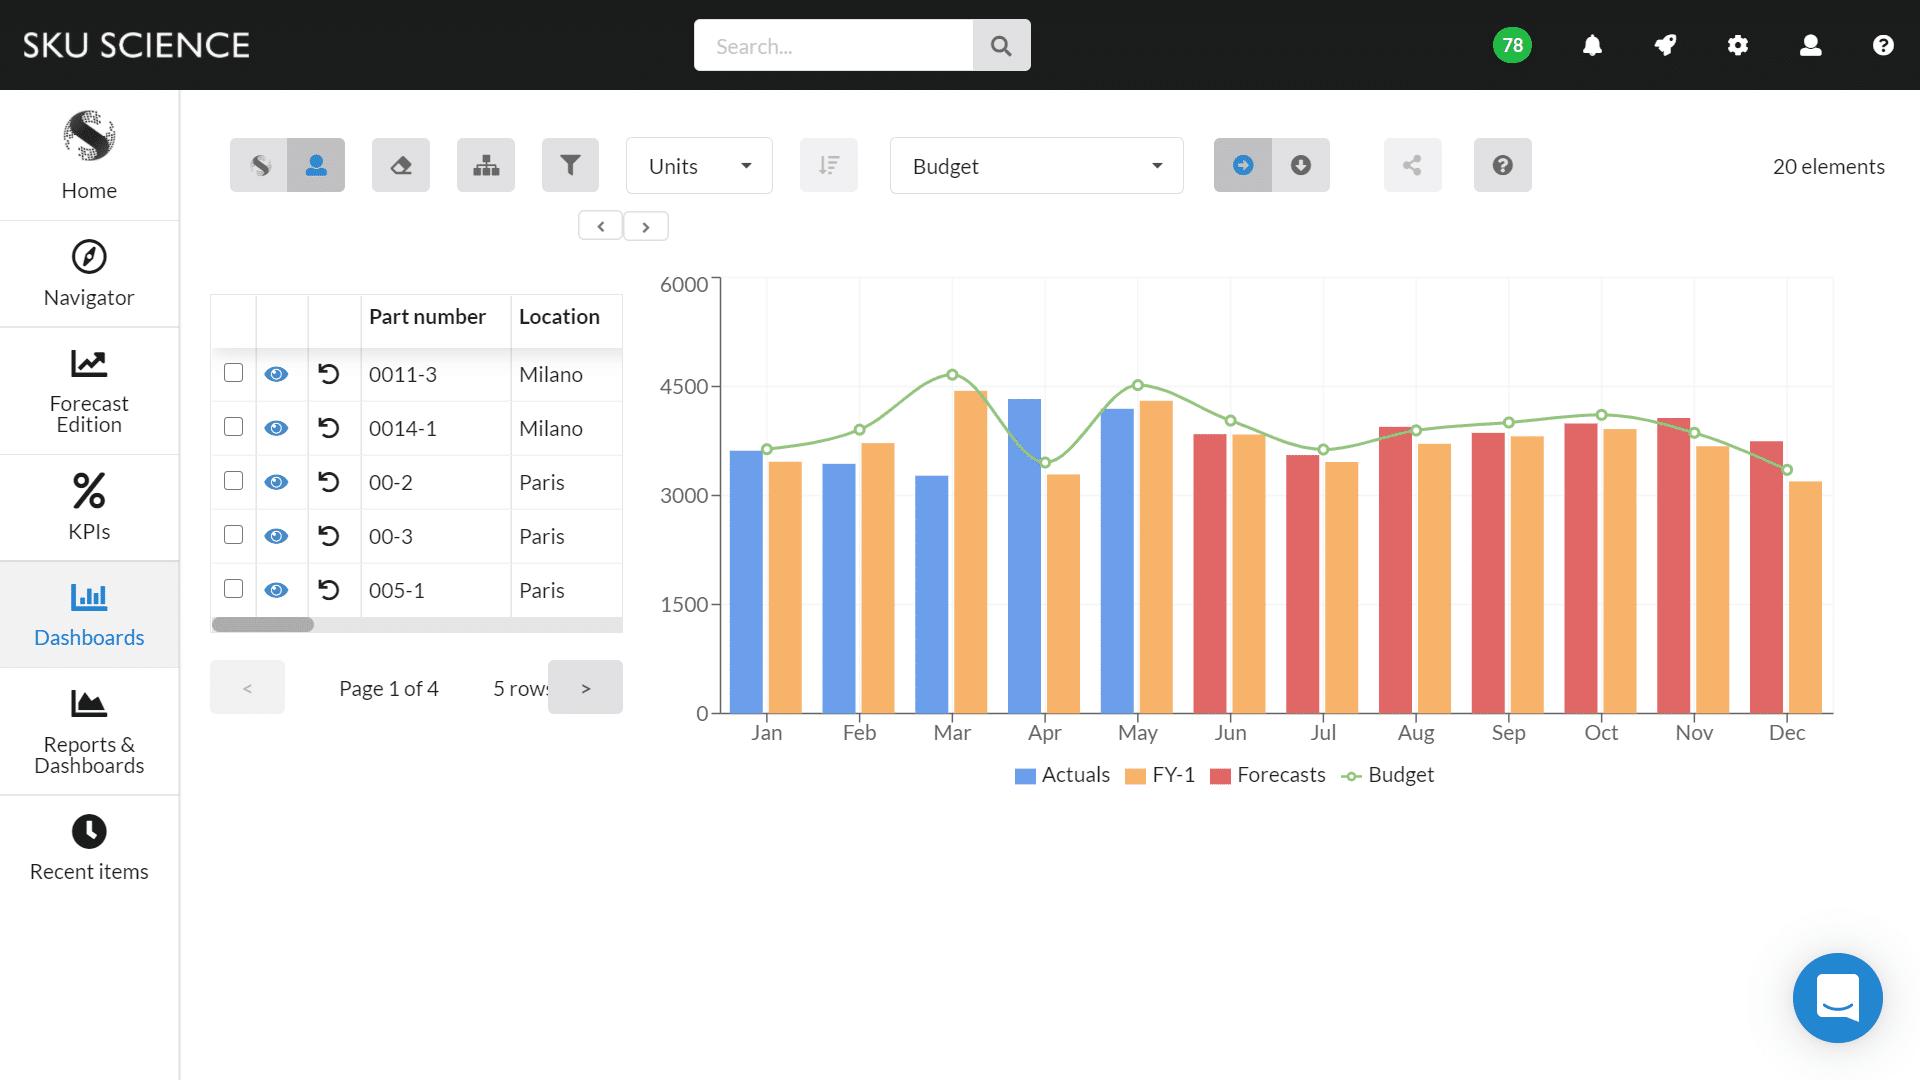 Fiscal year dashboard